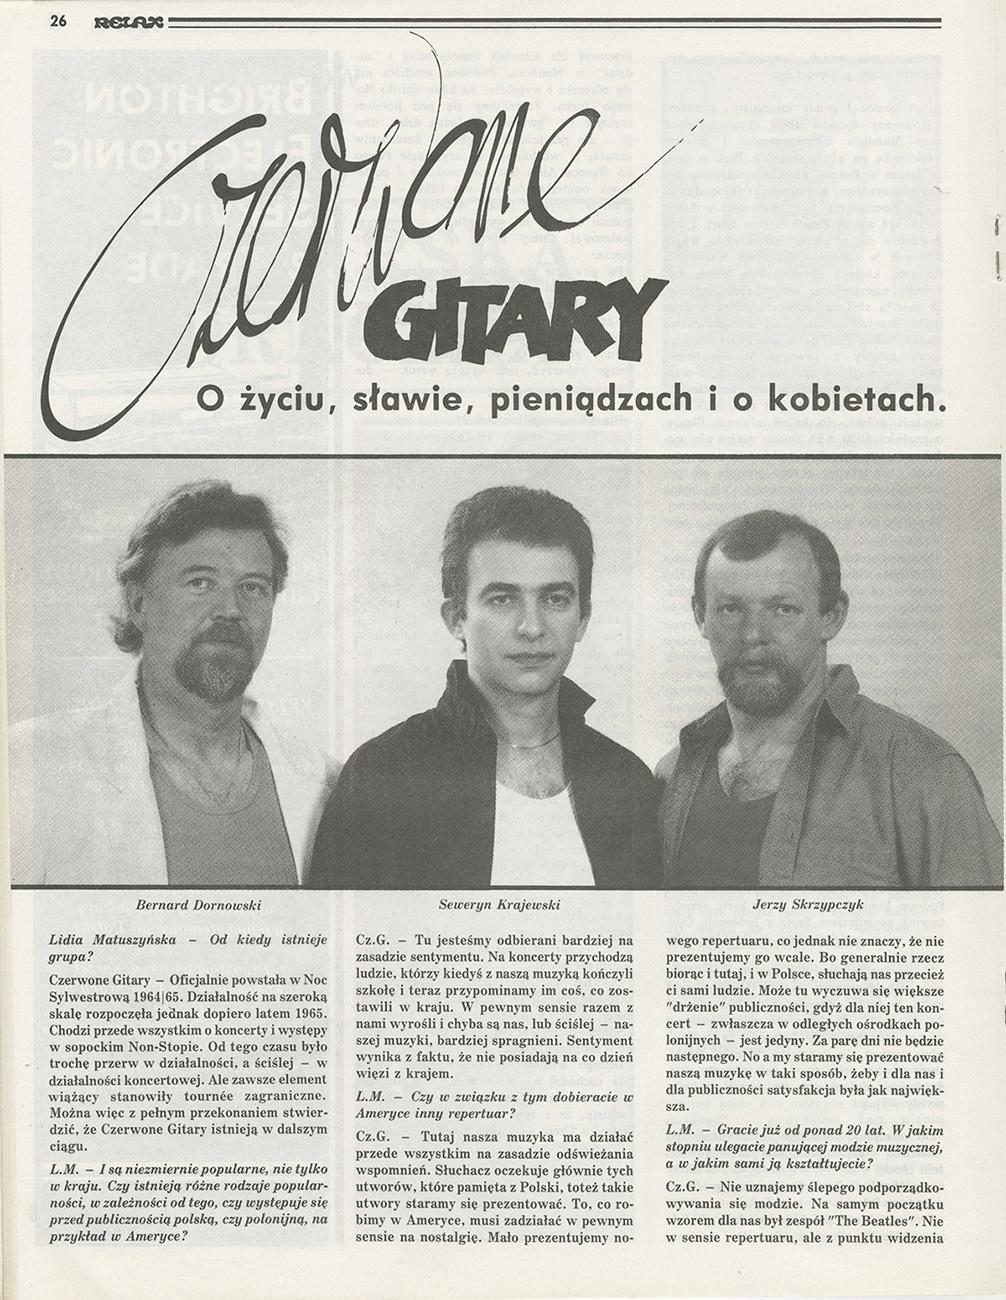 1979-1990_relax_1986_CzG_Relaksem_Jada_w_Ameryke_02